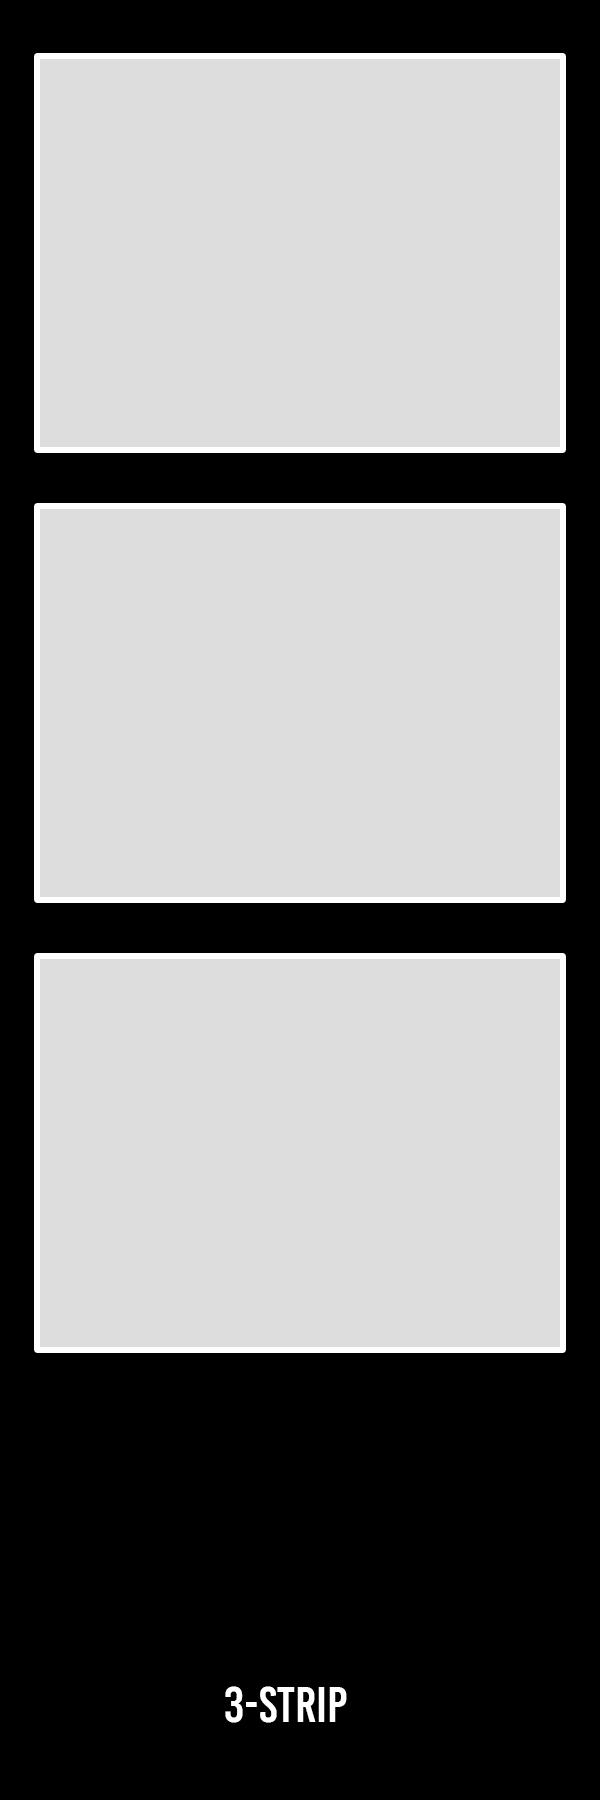 3-strip